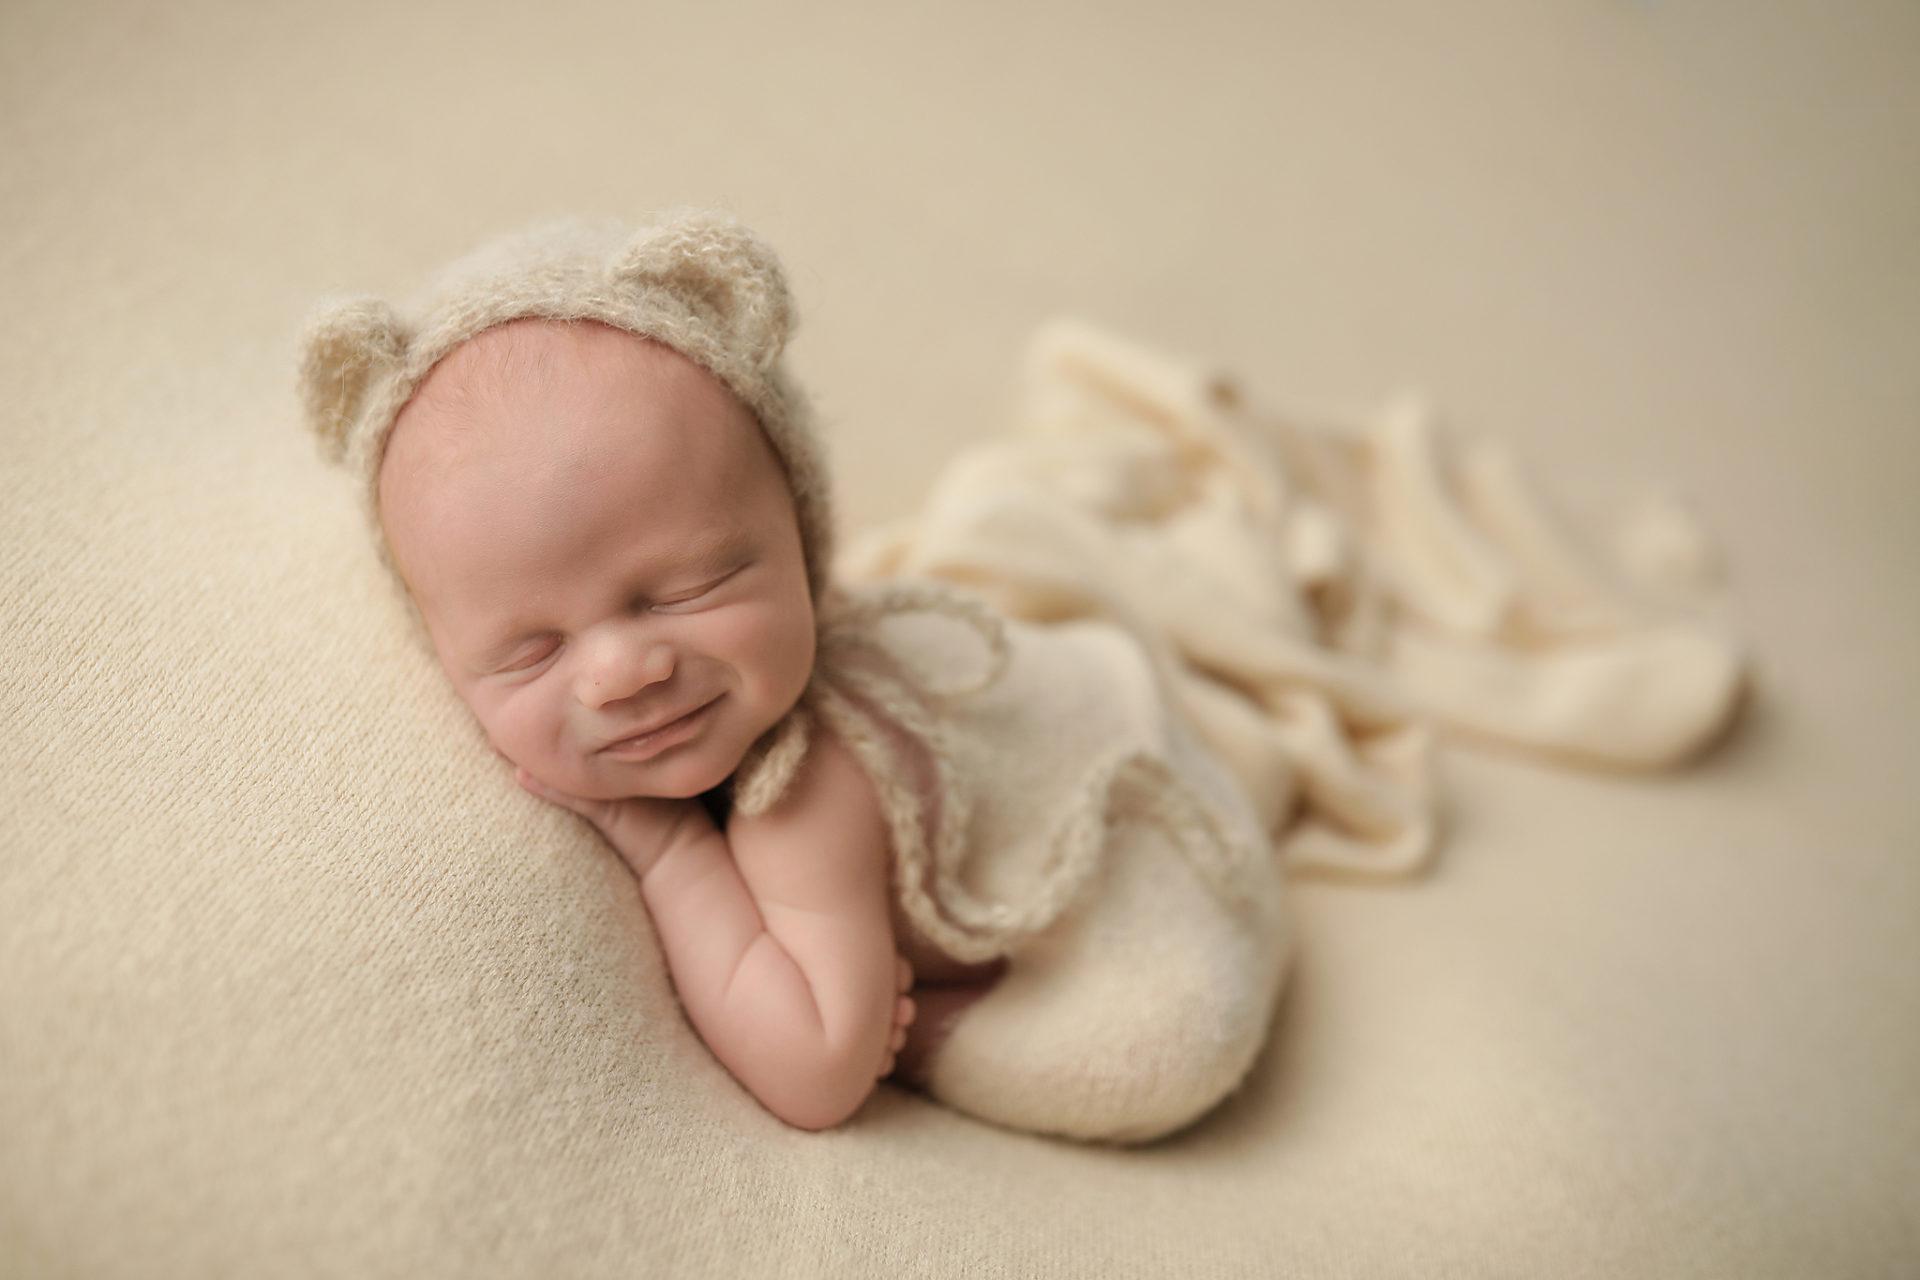 Newborn Baby poses